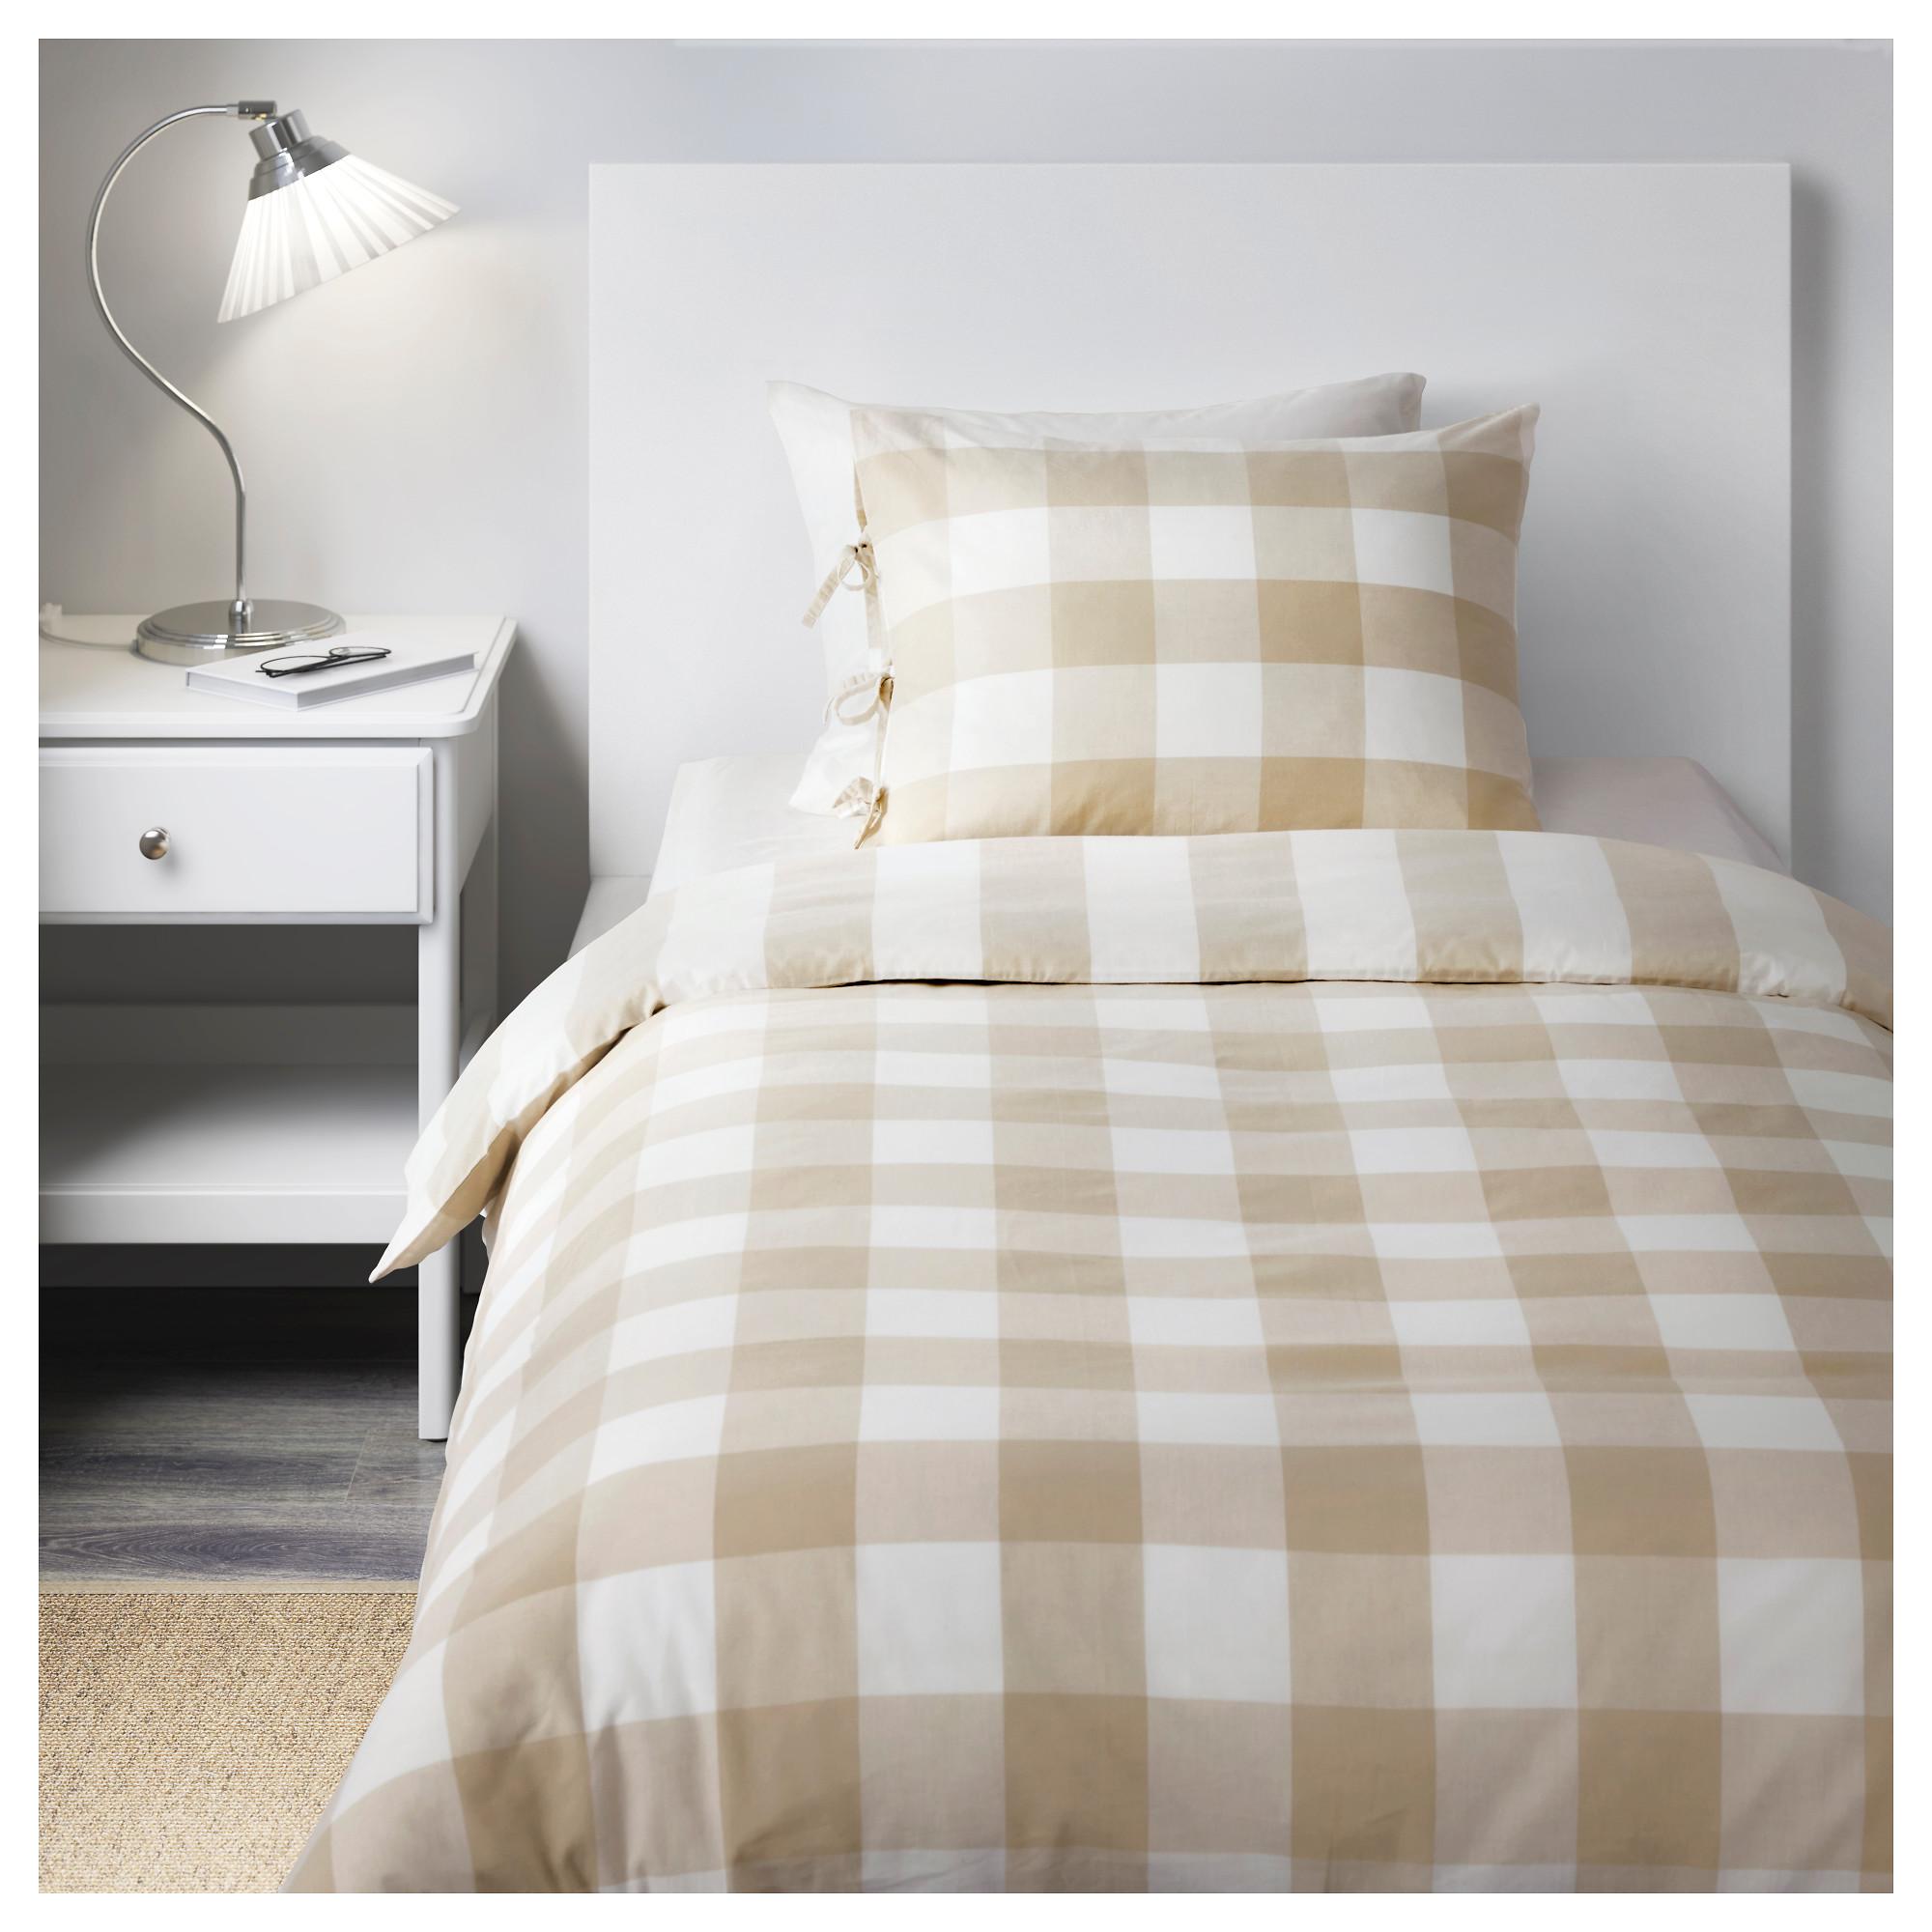 Финское постельное белье интернет магазин